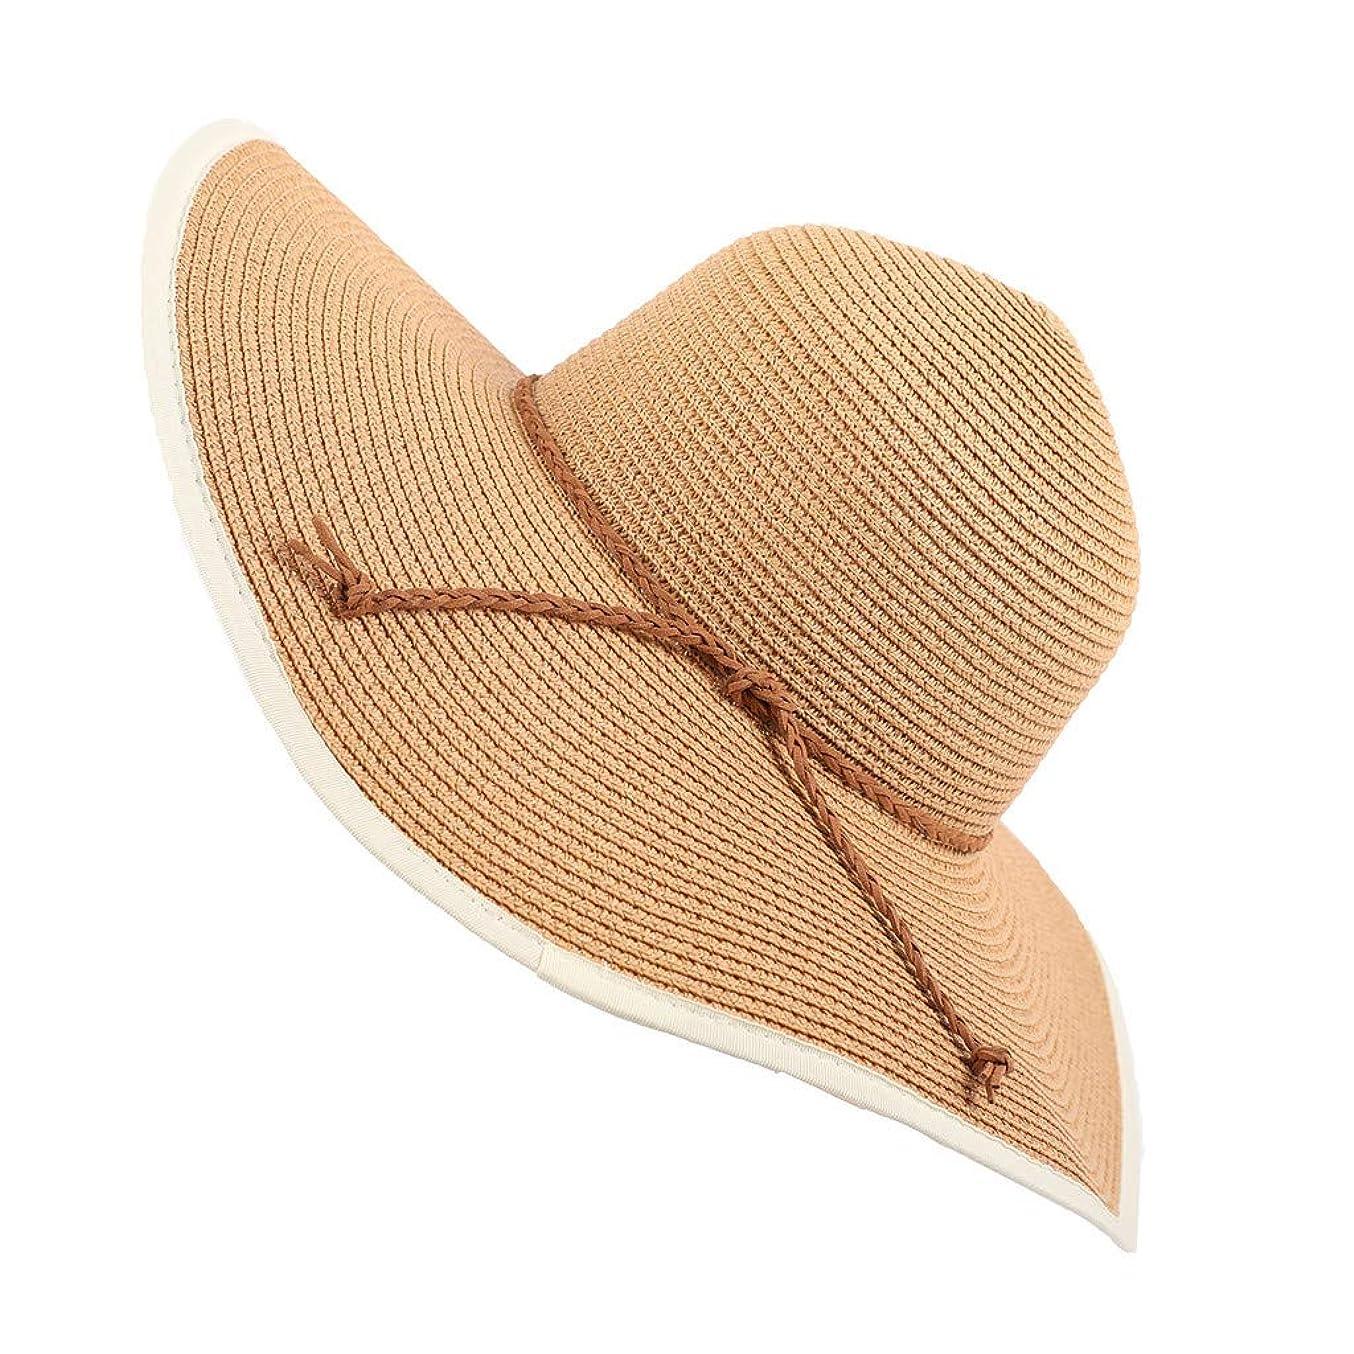 しないでくださいイブ代数UVカット 帽子 UV帽子 紫外線対策 通気性 ビーチ ハット 帽子 レディース 取り外すあご紐 サイズ調節可 つば広 おしゃれ 可愛い ハット 旅行用 日よけ 夏季 女優帽 小顔効果抜群 海辺 ワイルド パーティーROSE ROMAN